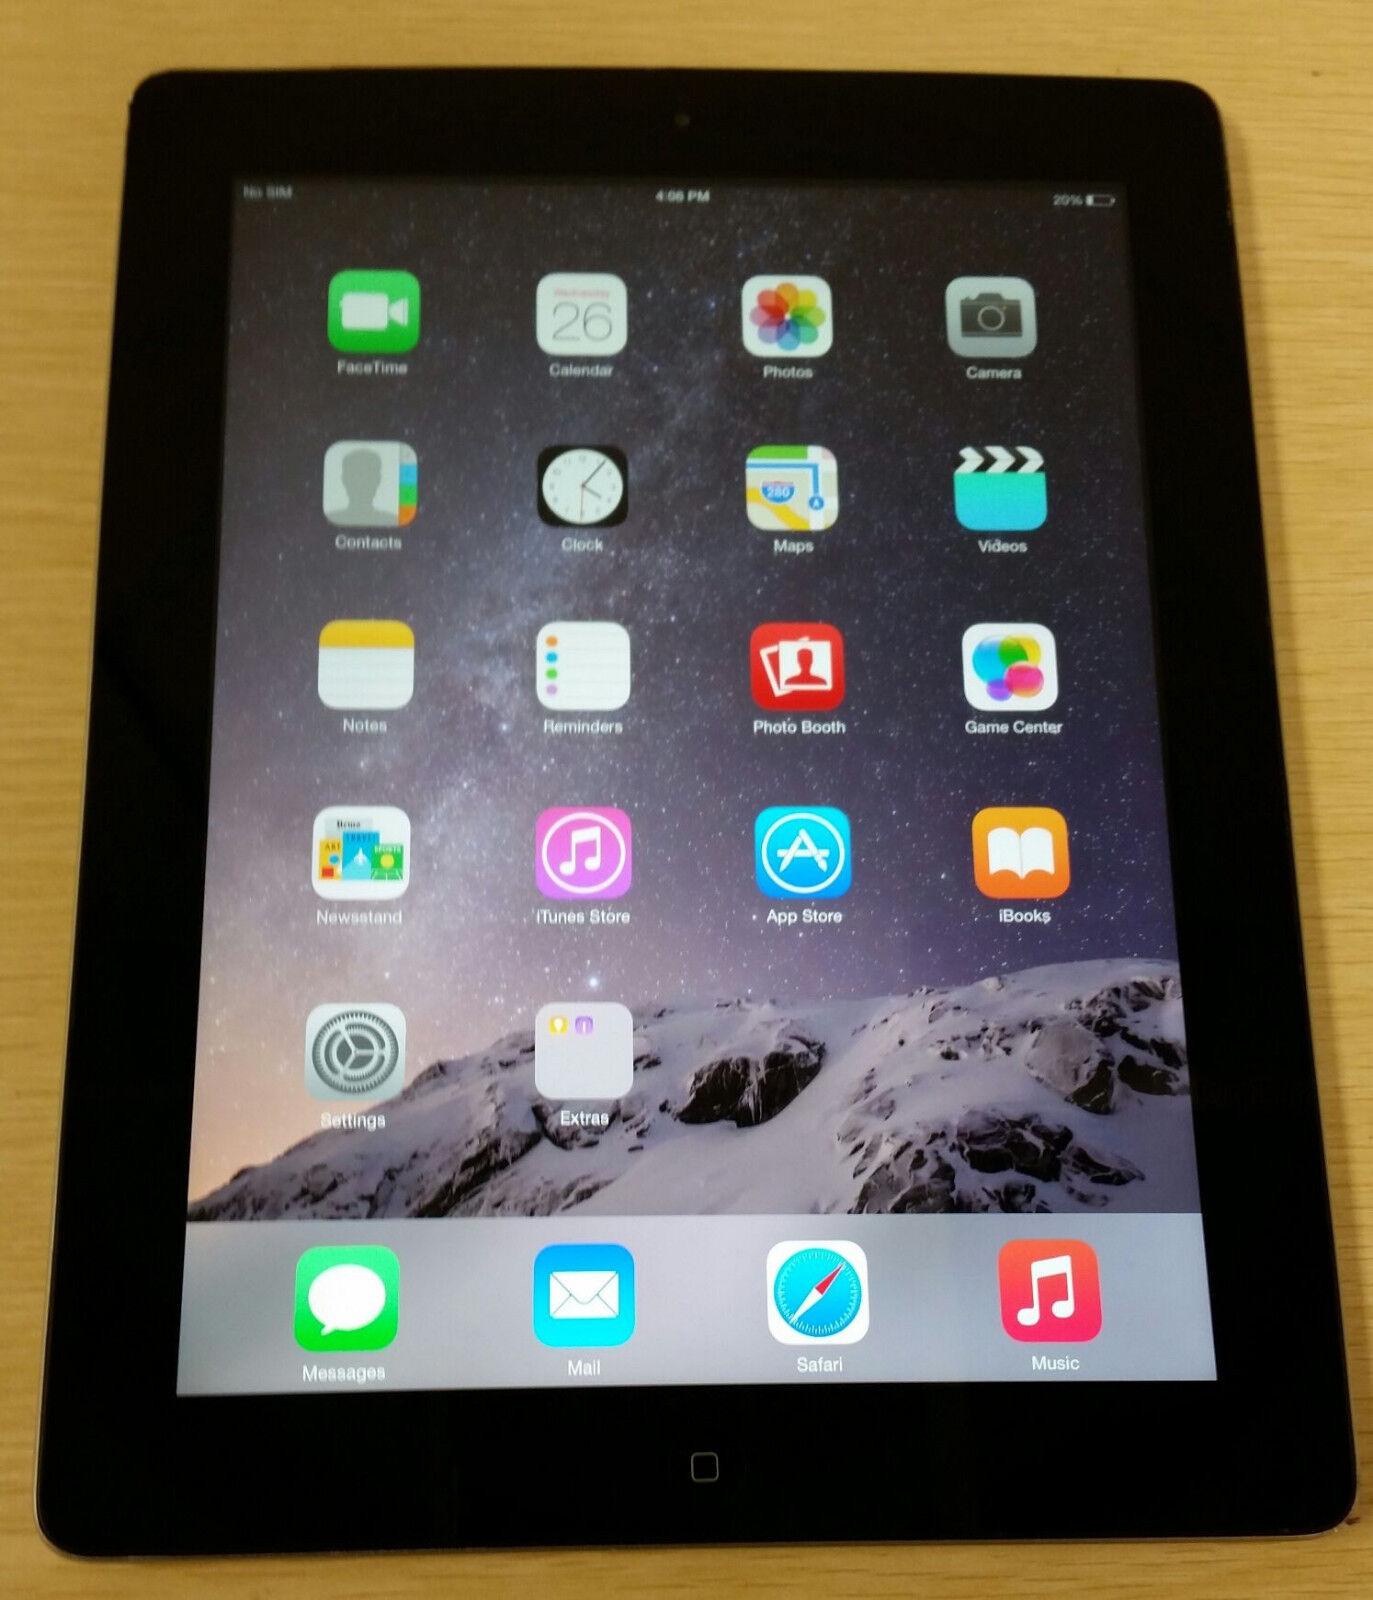 apple ipad 4th gen 16gb retina display wi fi black. Black Bedroom Furniture Sets. Home Design Ideas